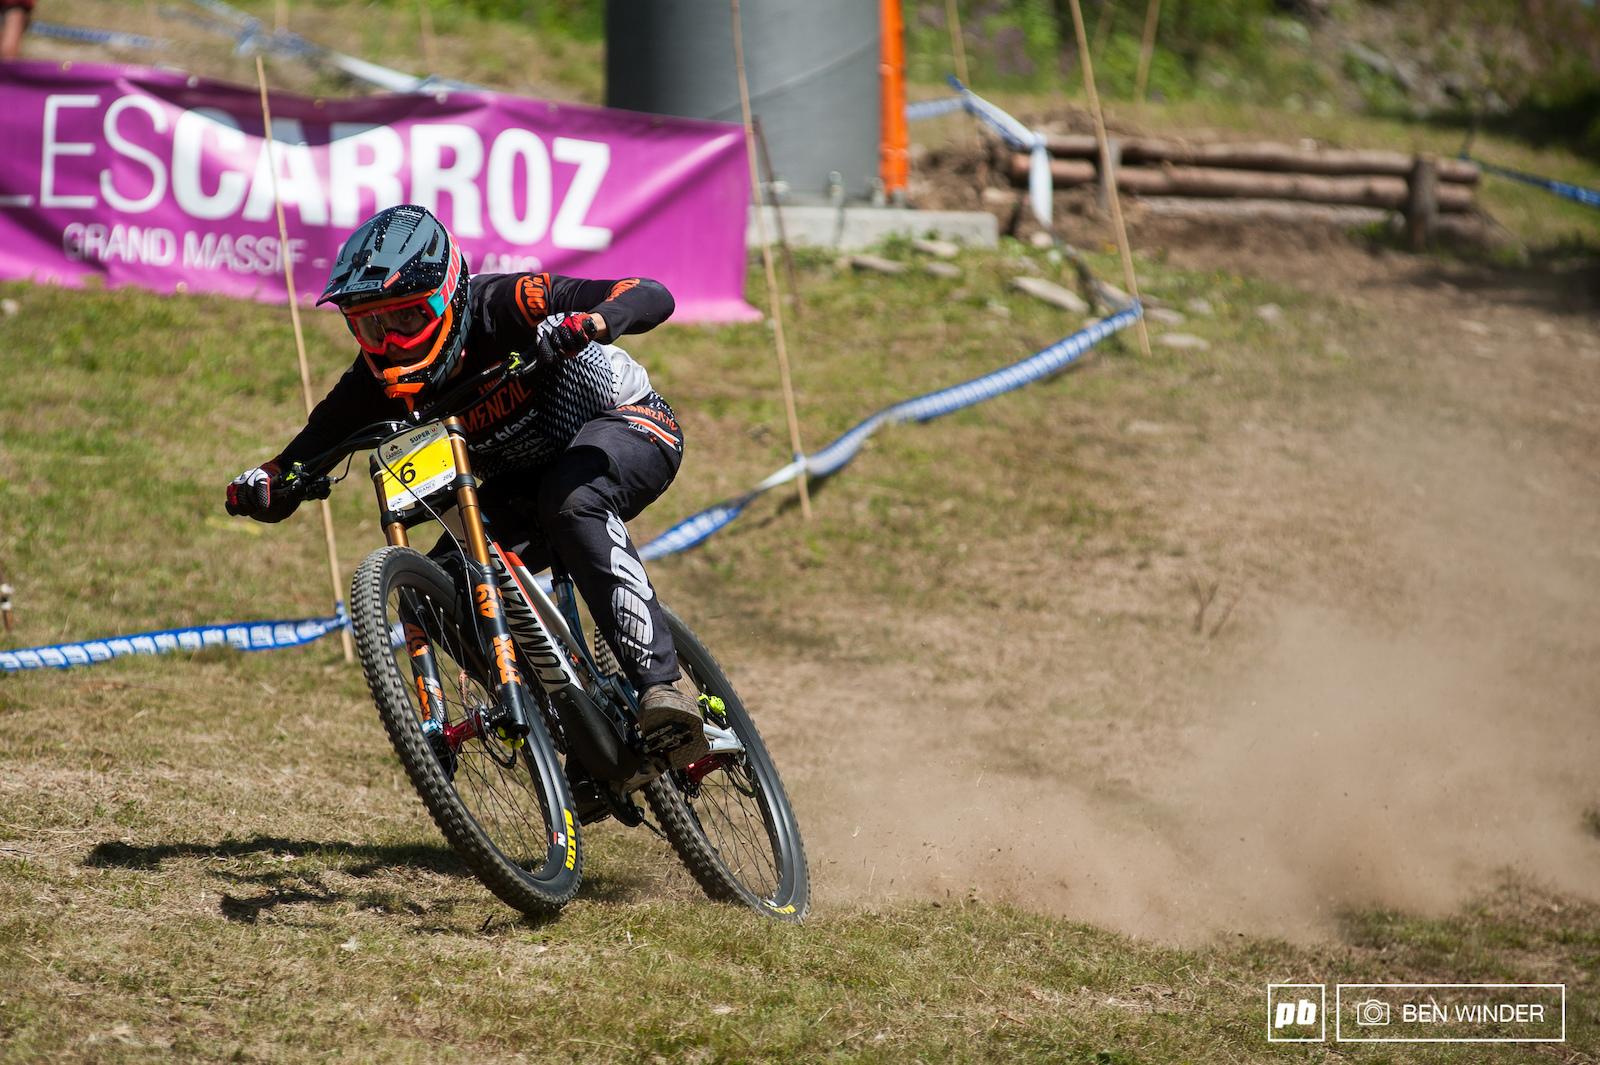 Amaury Pierron powering through the open ski piste.